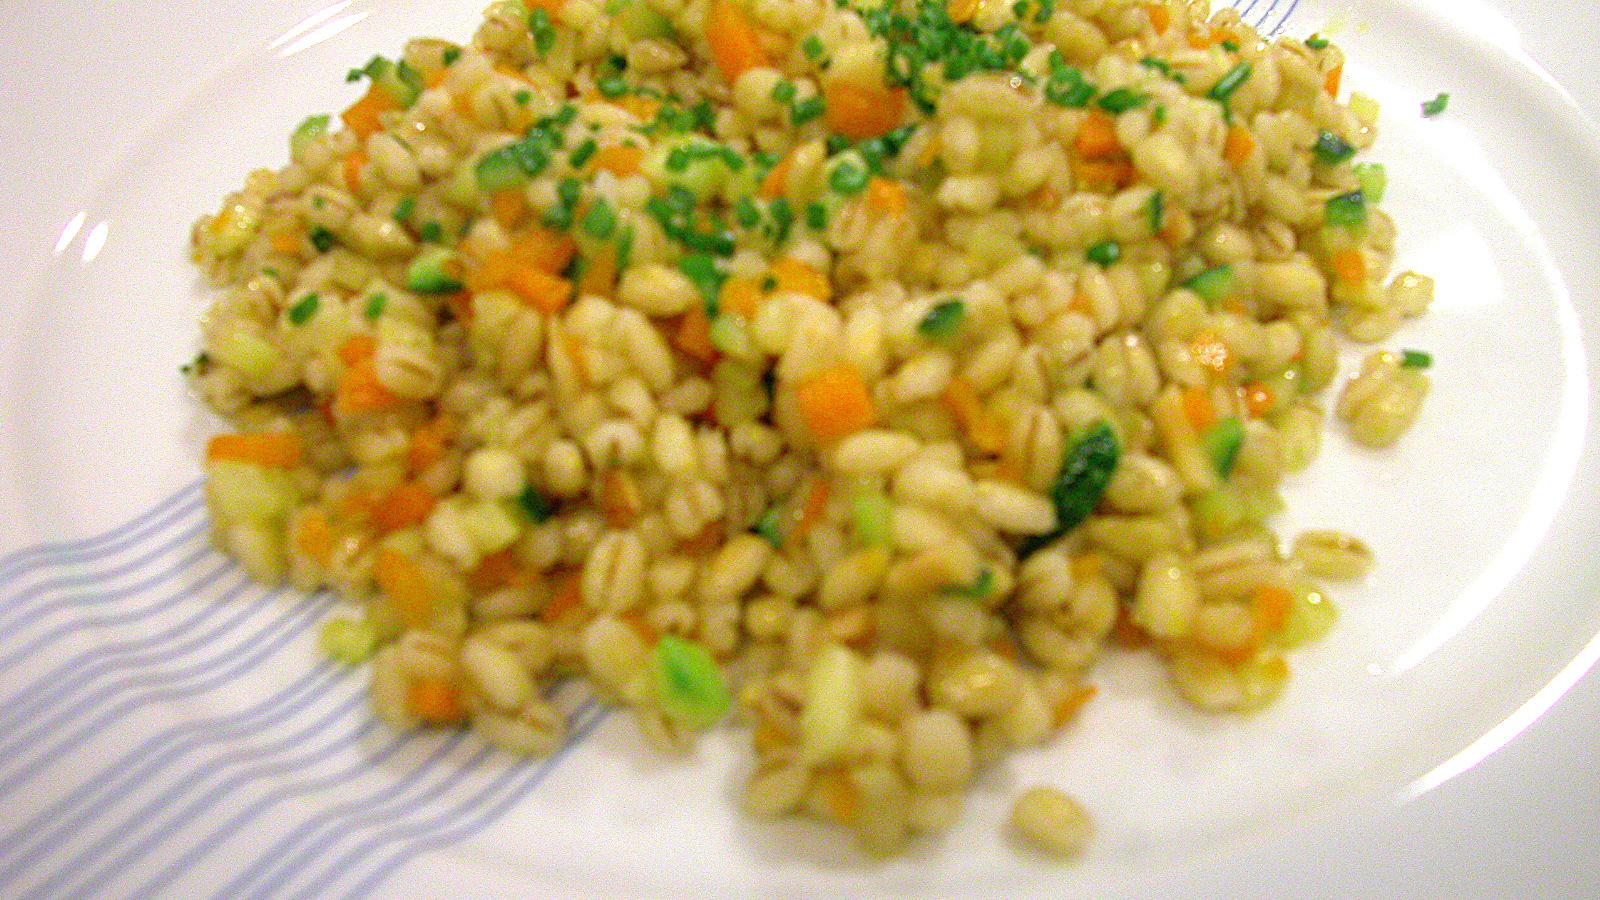 Cebada Salteada Con Calabacin Y Zanahoria Marta Aranzadi Video Receta Canal Cocina Pela y pica el ajo. cebada salteada con calabacin y zanahoria cocina sana ep 5